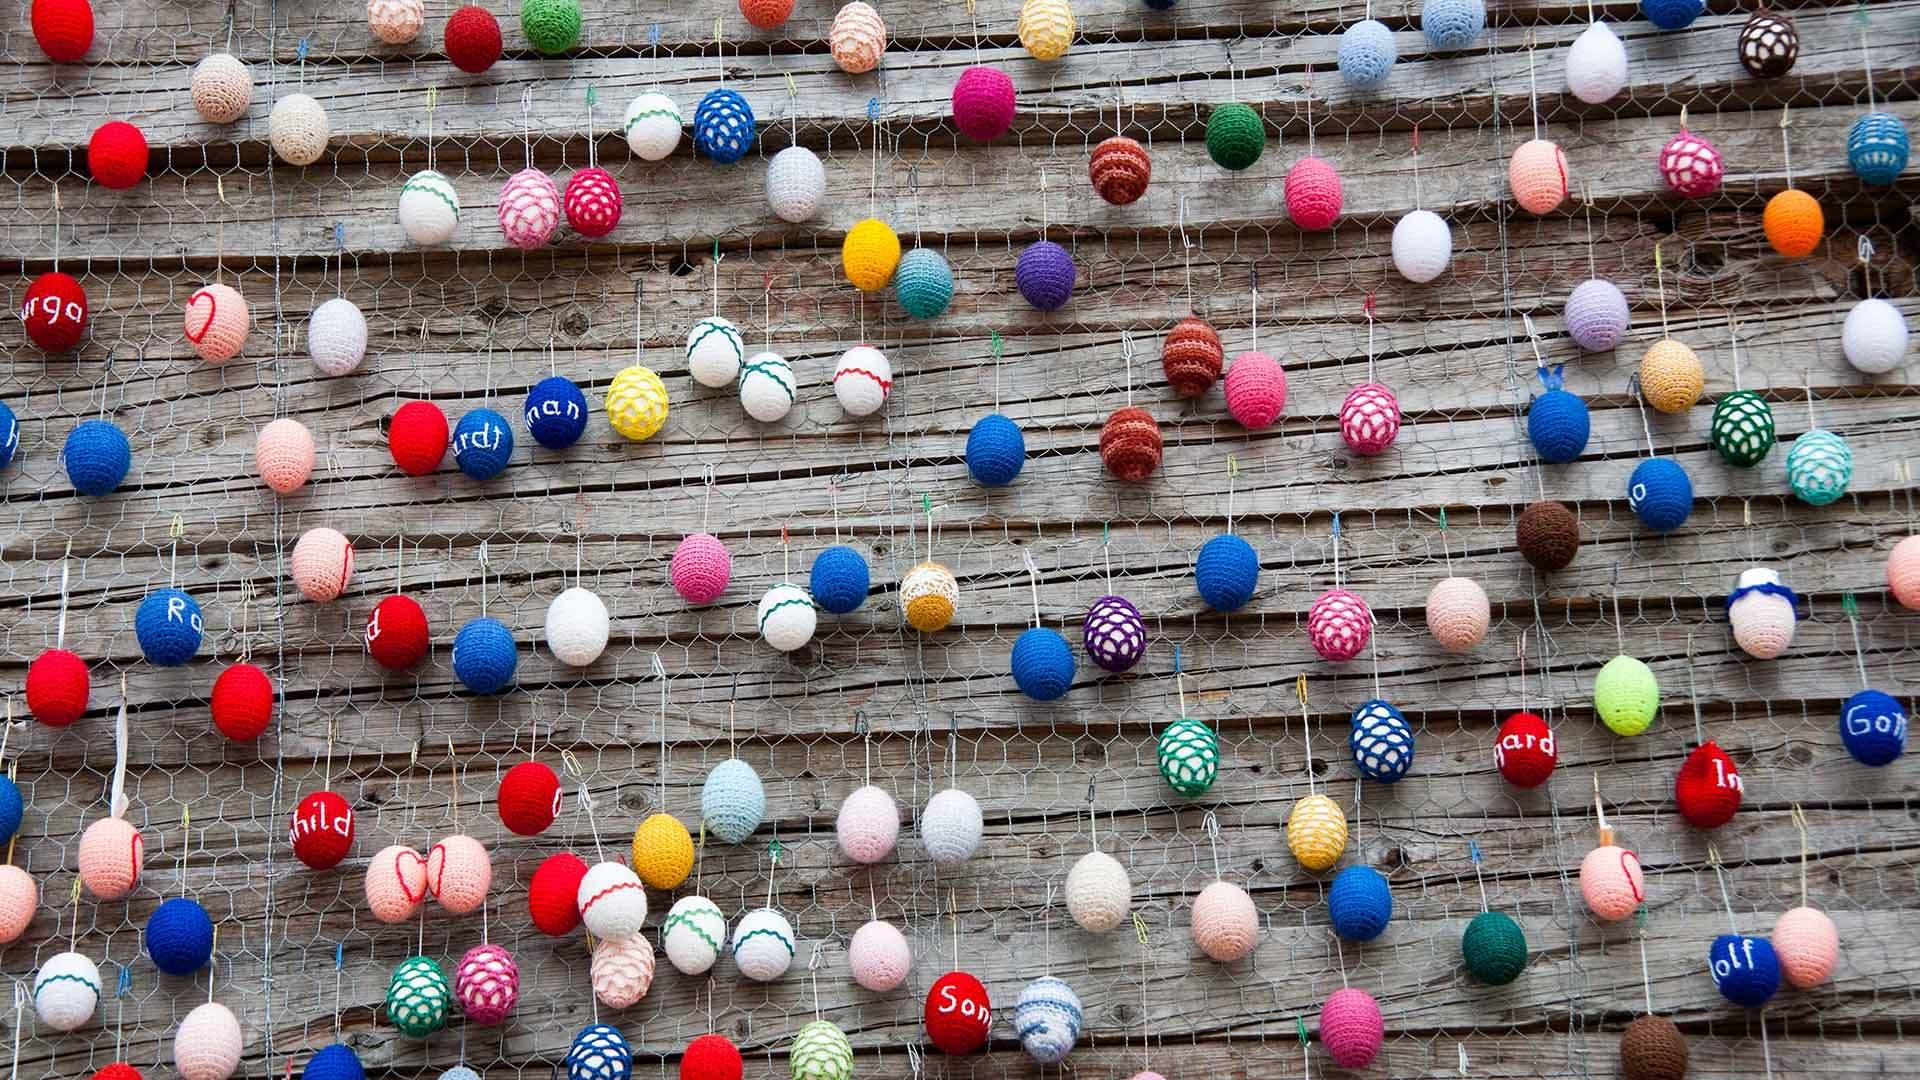 柏林亚历山大广场的复活节装饰复活节